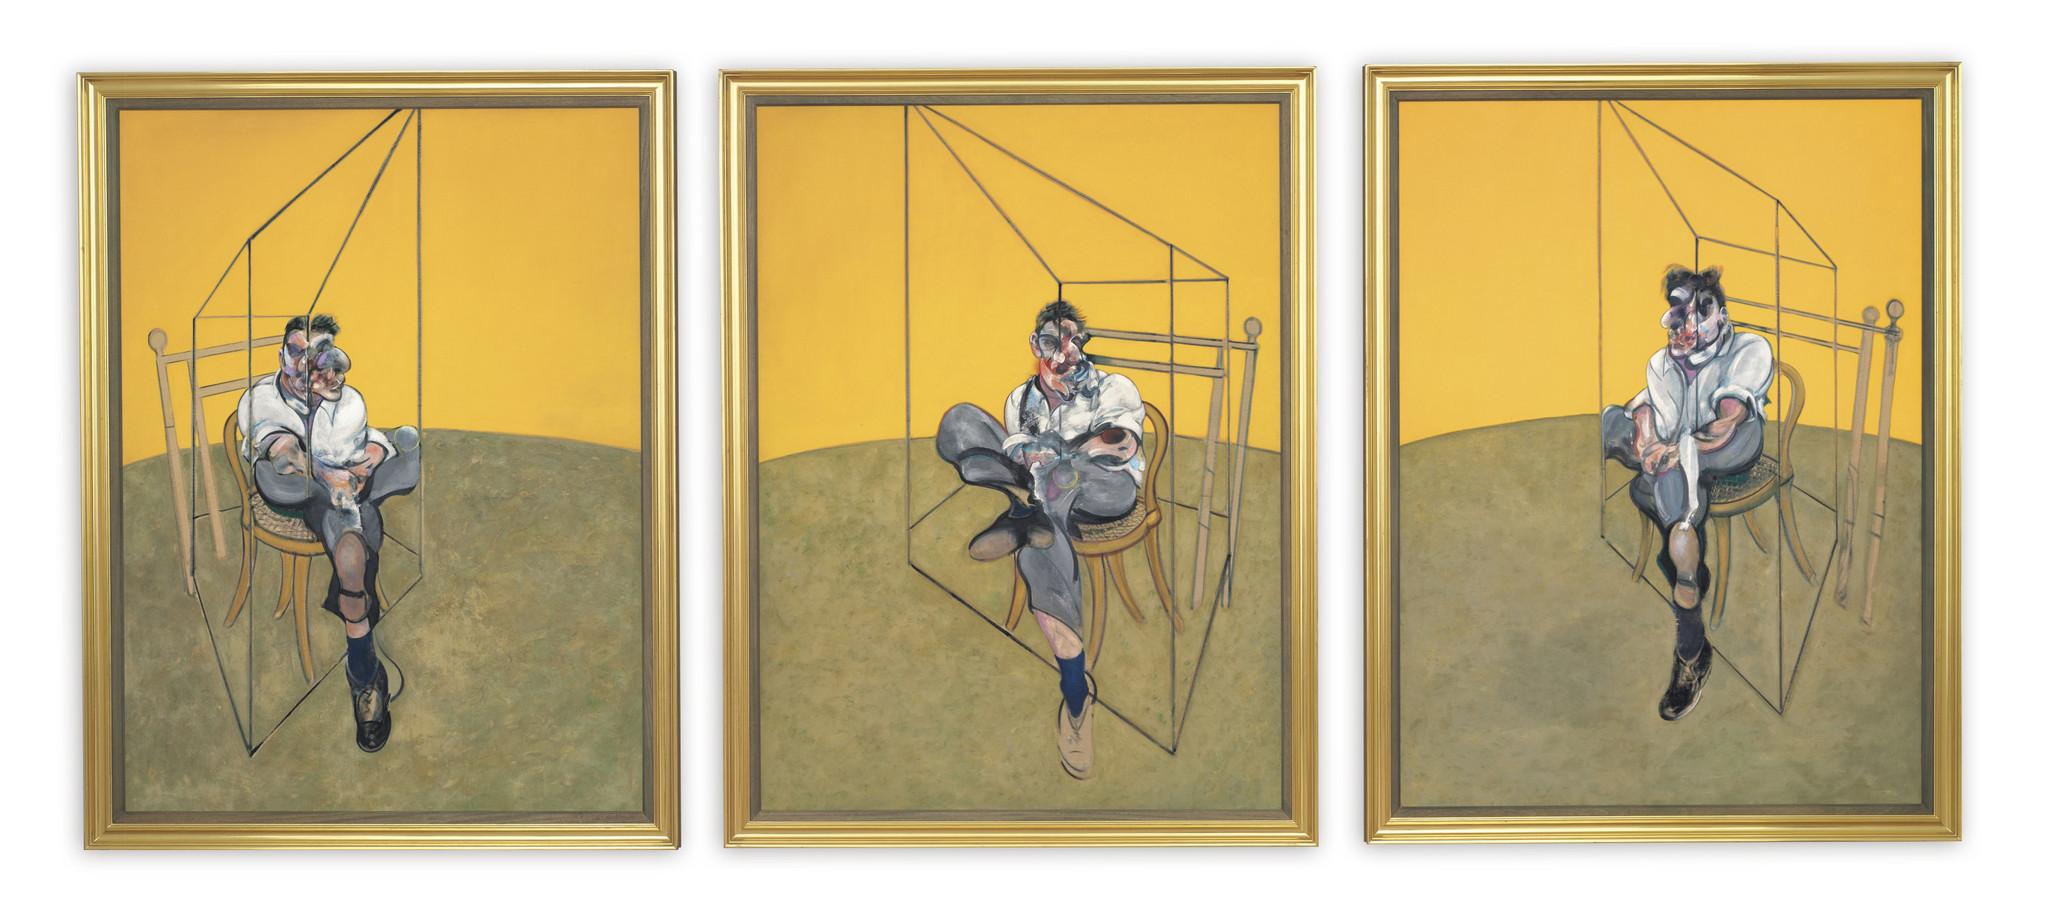 francis_baconlucian_freud_triptych.jpg